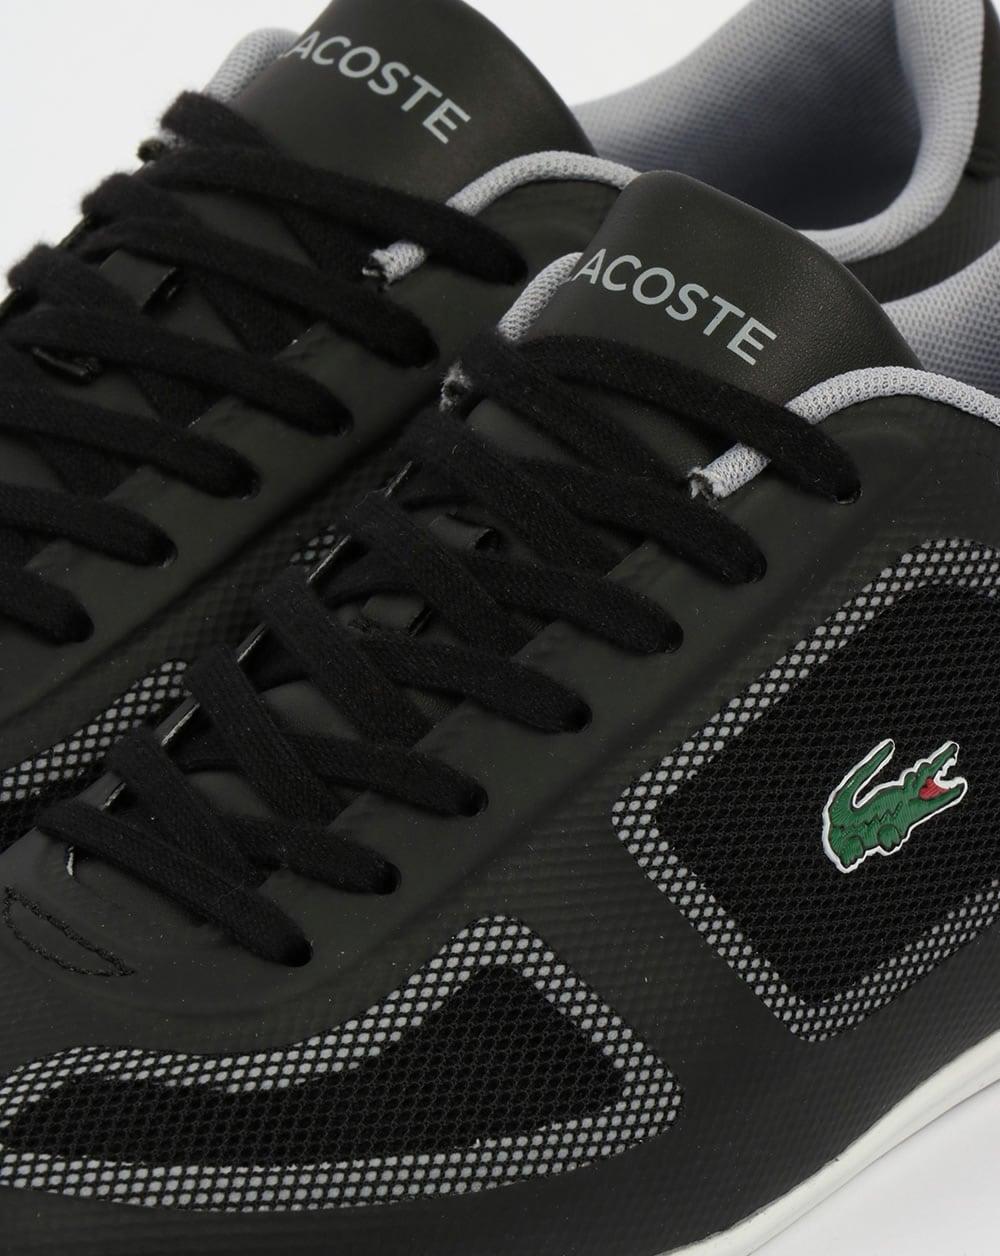 8e7079a7d Lacoste Misano Evo Trainers Black Grey